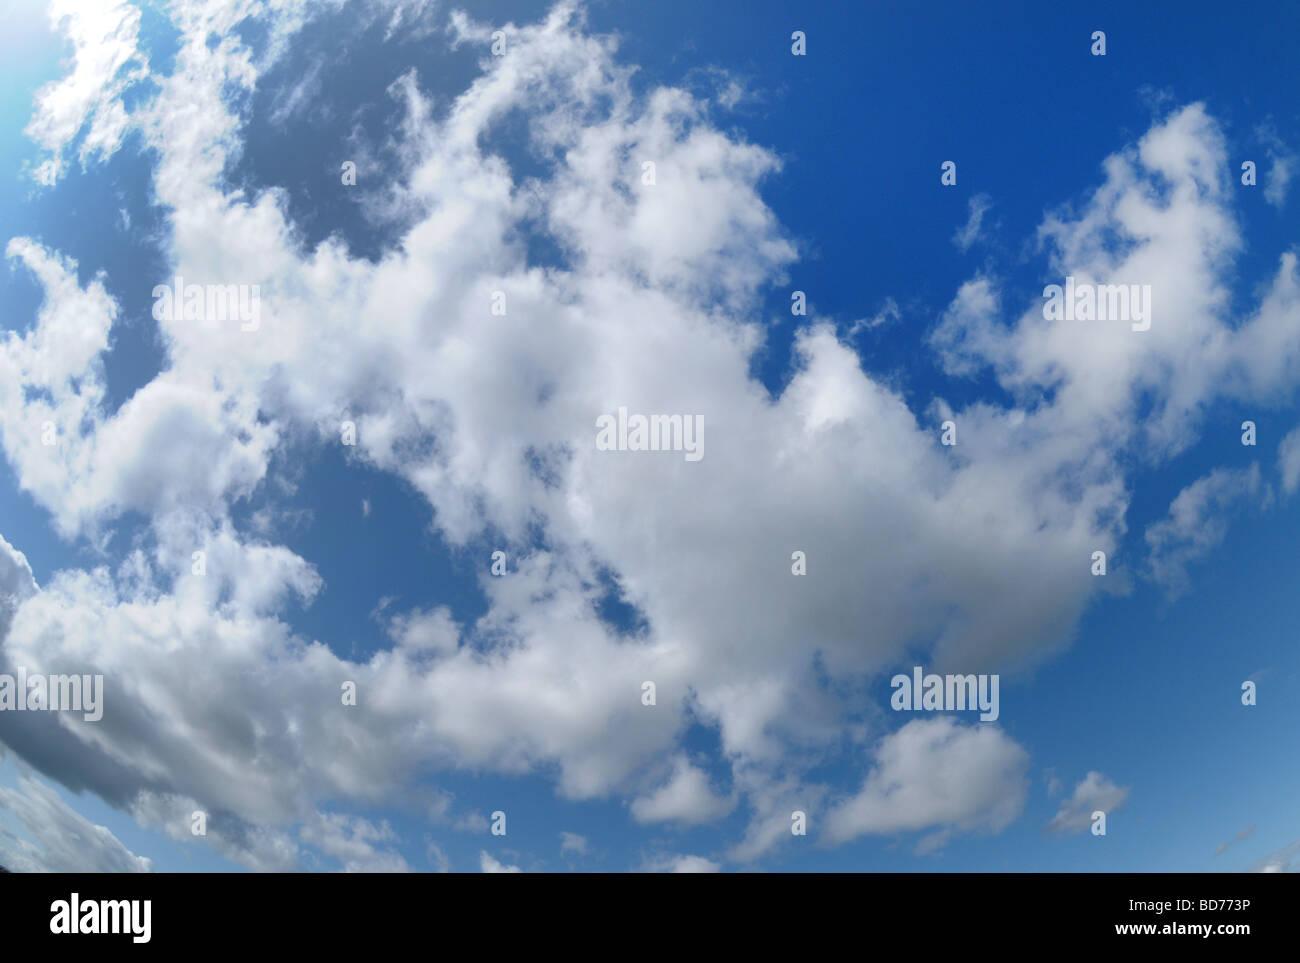 Cumulus nube y cielo azul. Foto de stock